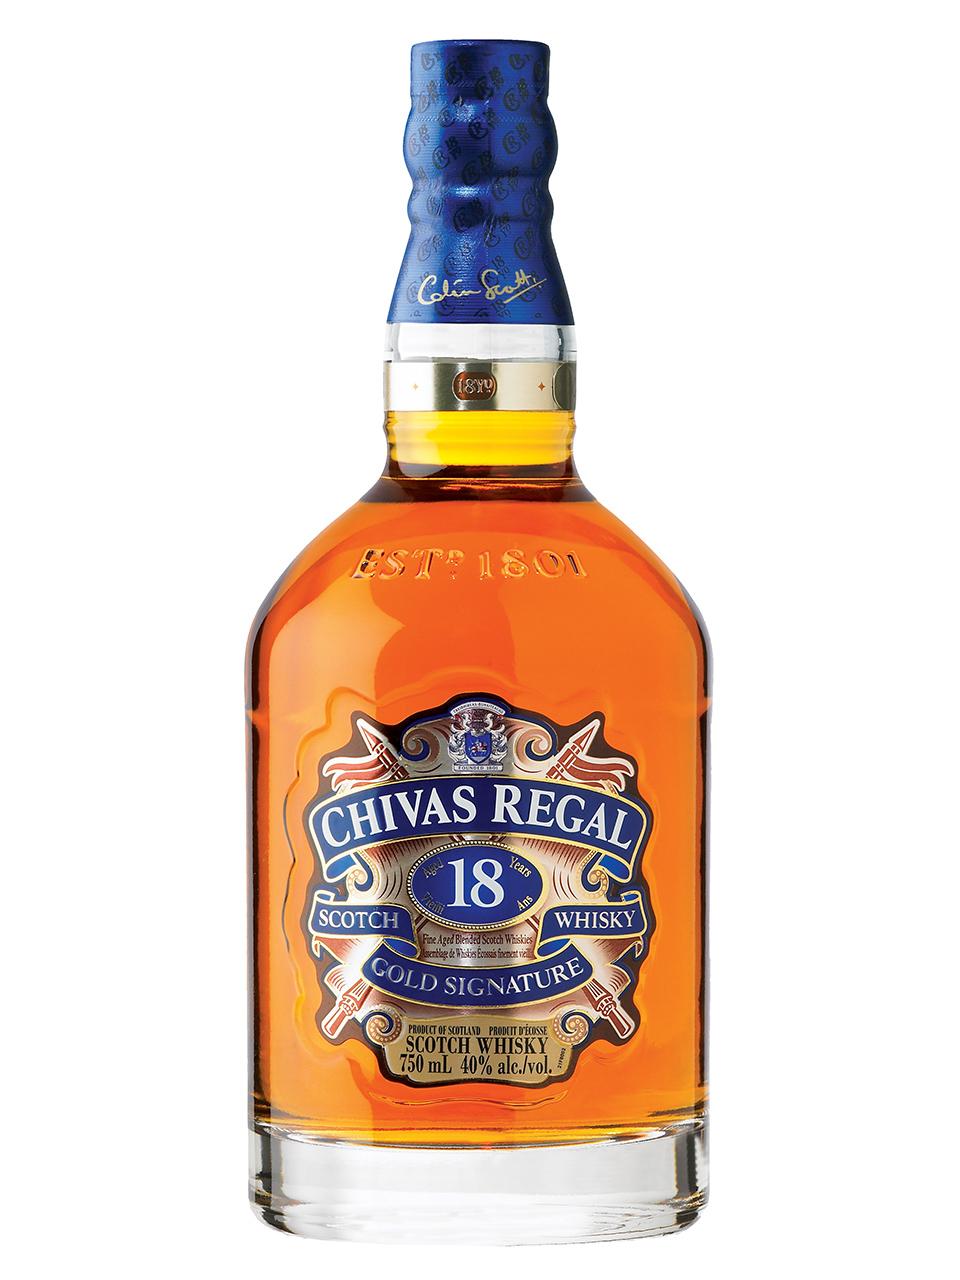 Chivas Regal 18 YO Scotch Whisky